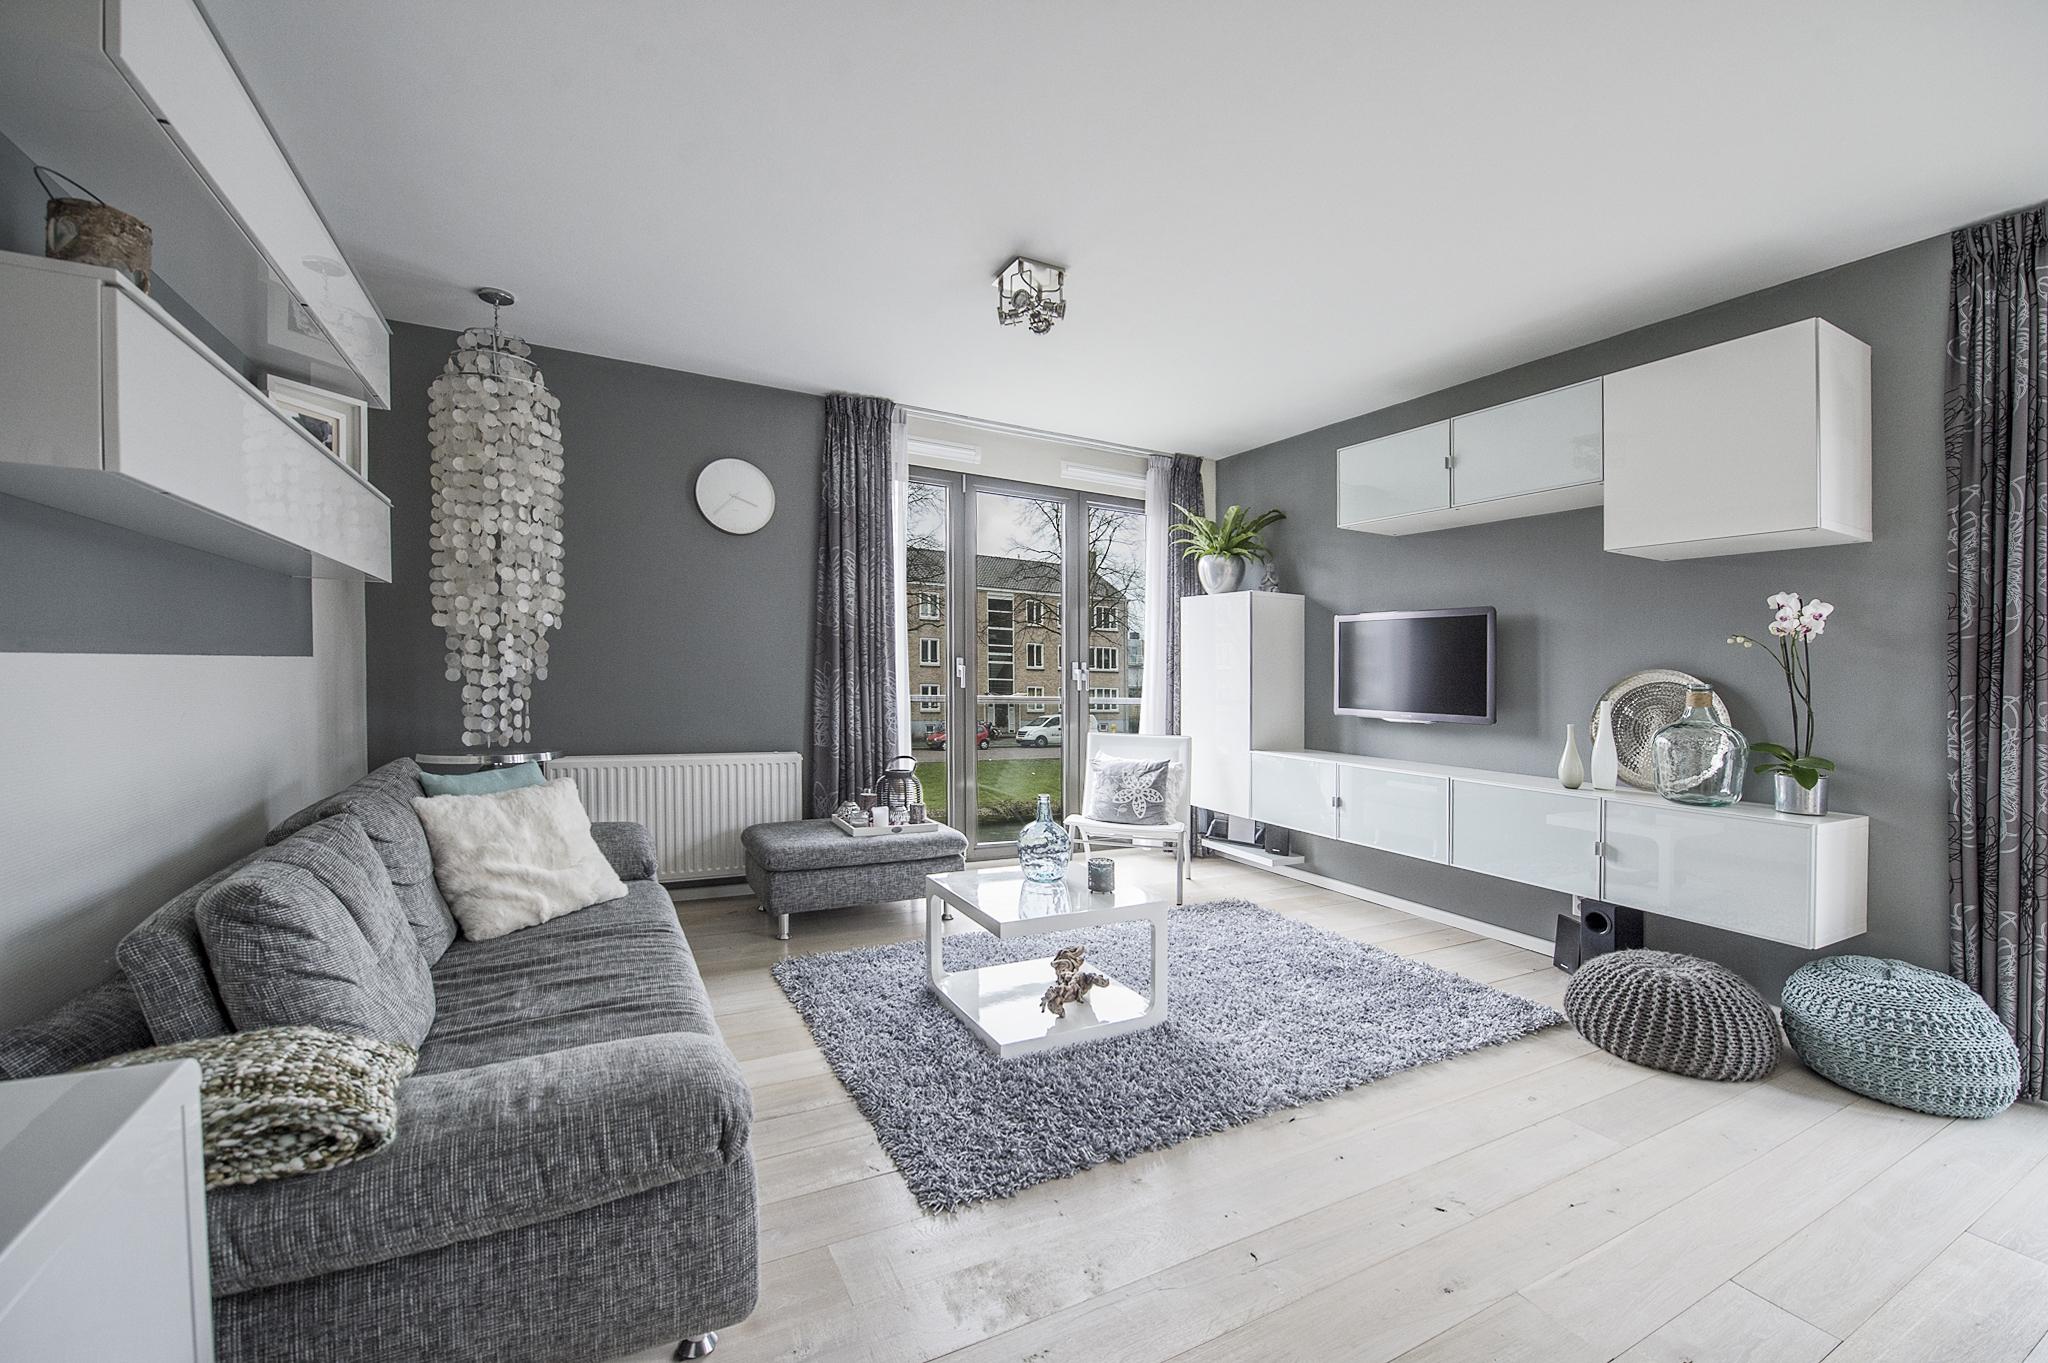 Appartement nieuwbouw delft nya interieurontwerp for Interieur ontwerpen